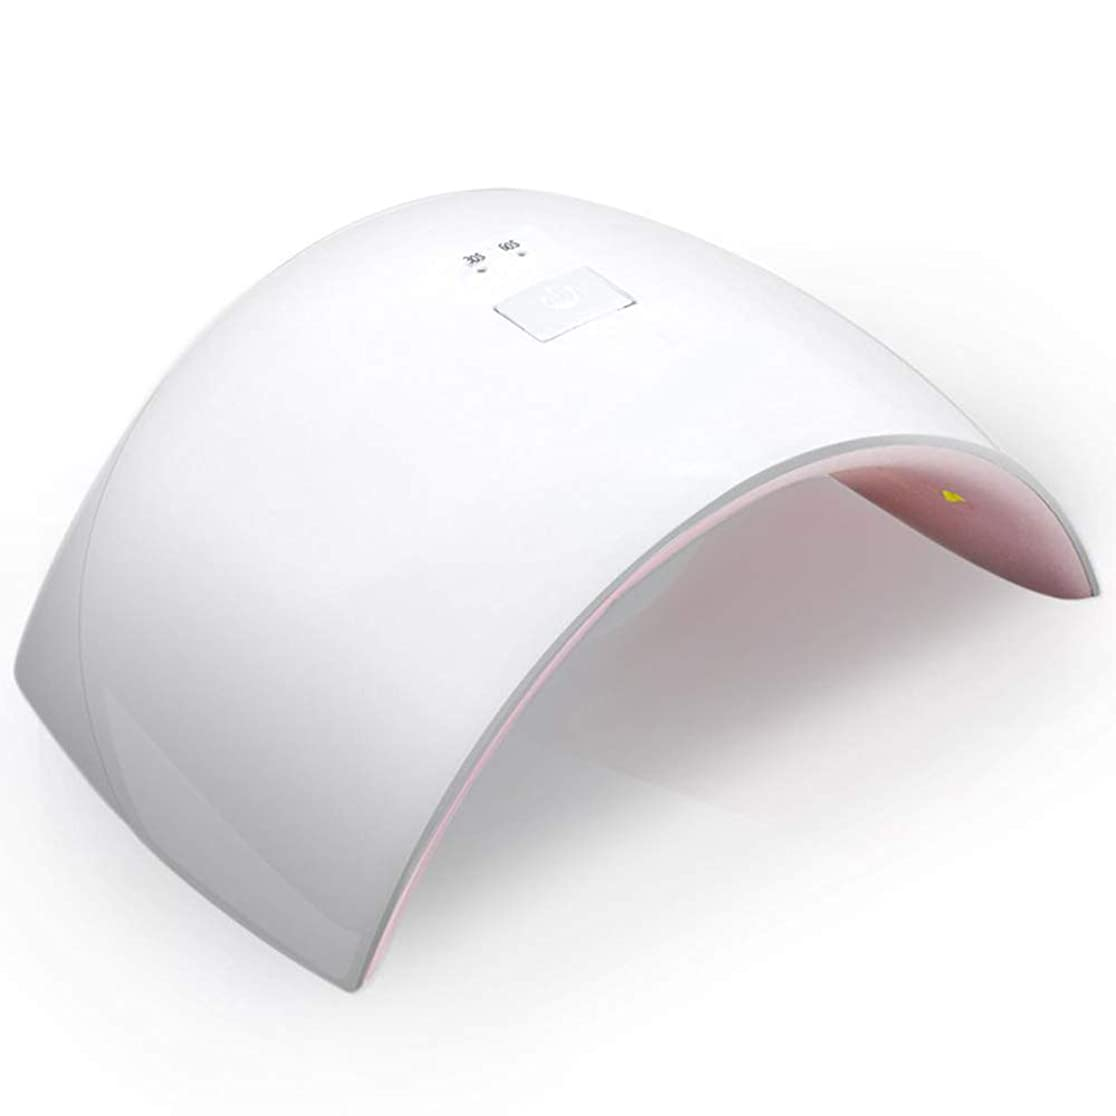 彫るパラメータ四回UVとLEDダブルライト 24W ネイルドライヤー 赤外線検知タイマー機能